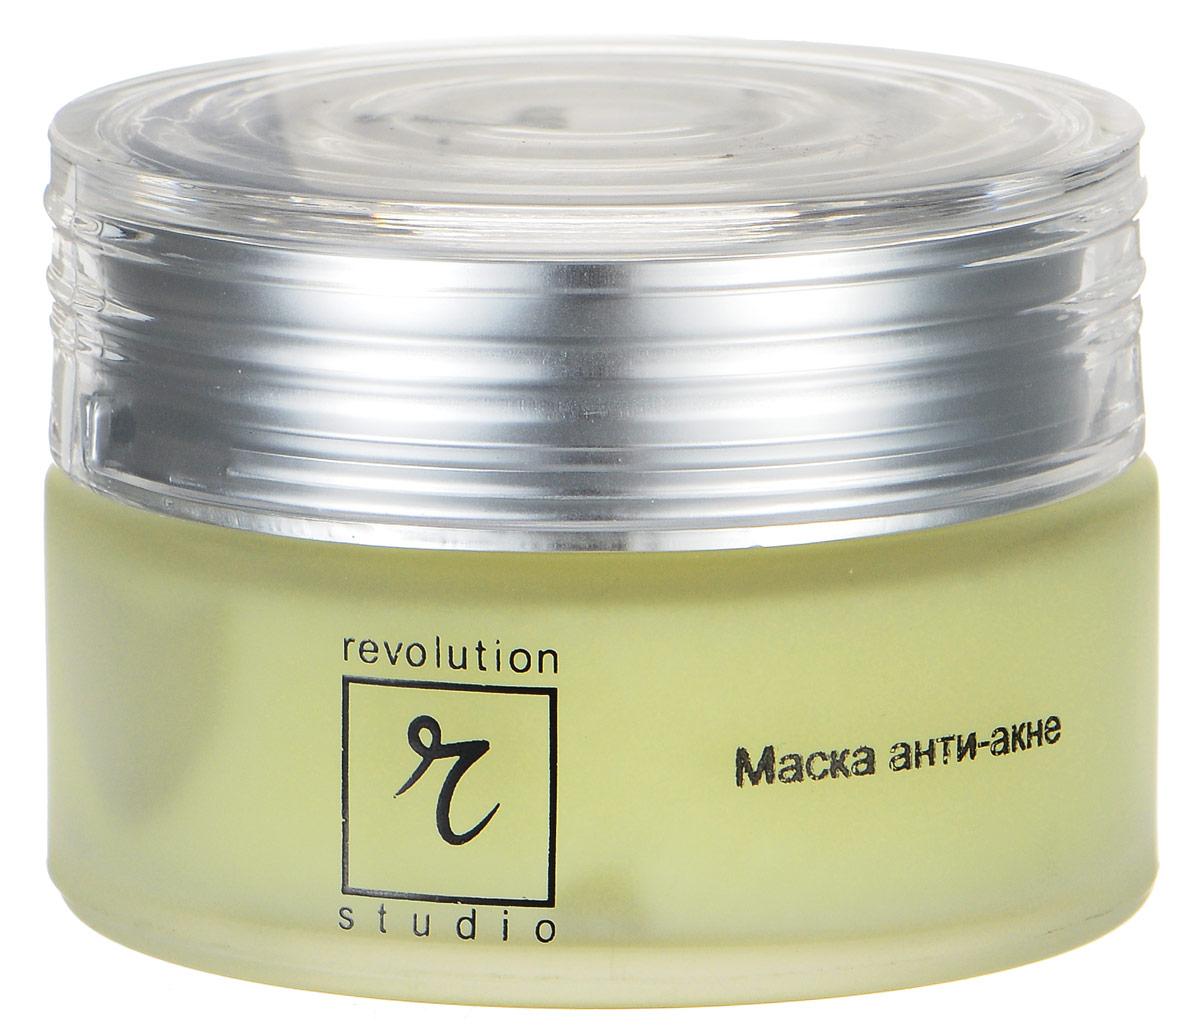 R-Studio Маска анти-акне 50 млFS-00897Существенно сокращает количество угрей и прыщей; устраняет избыточную сальность кожи; очищает поры; обладает бактерицидным действием, уничтожая микроорганизмы, вызывающие угревую сыпь; придает коже здоровый вид и матовый оттенок.